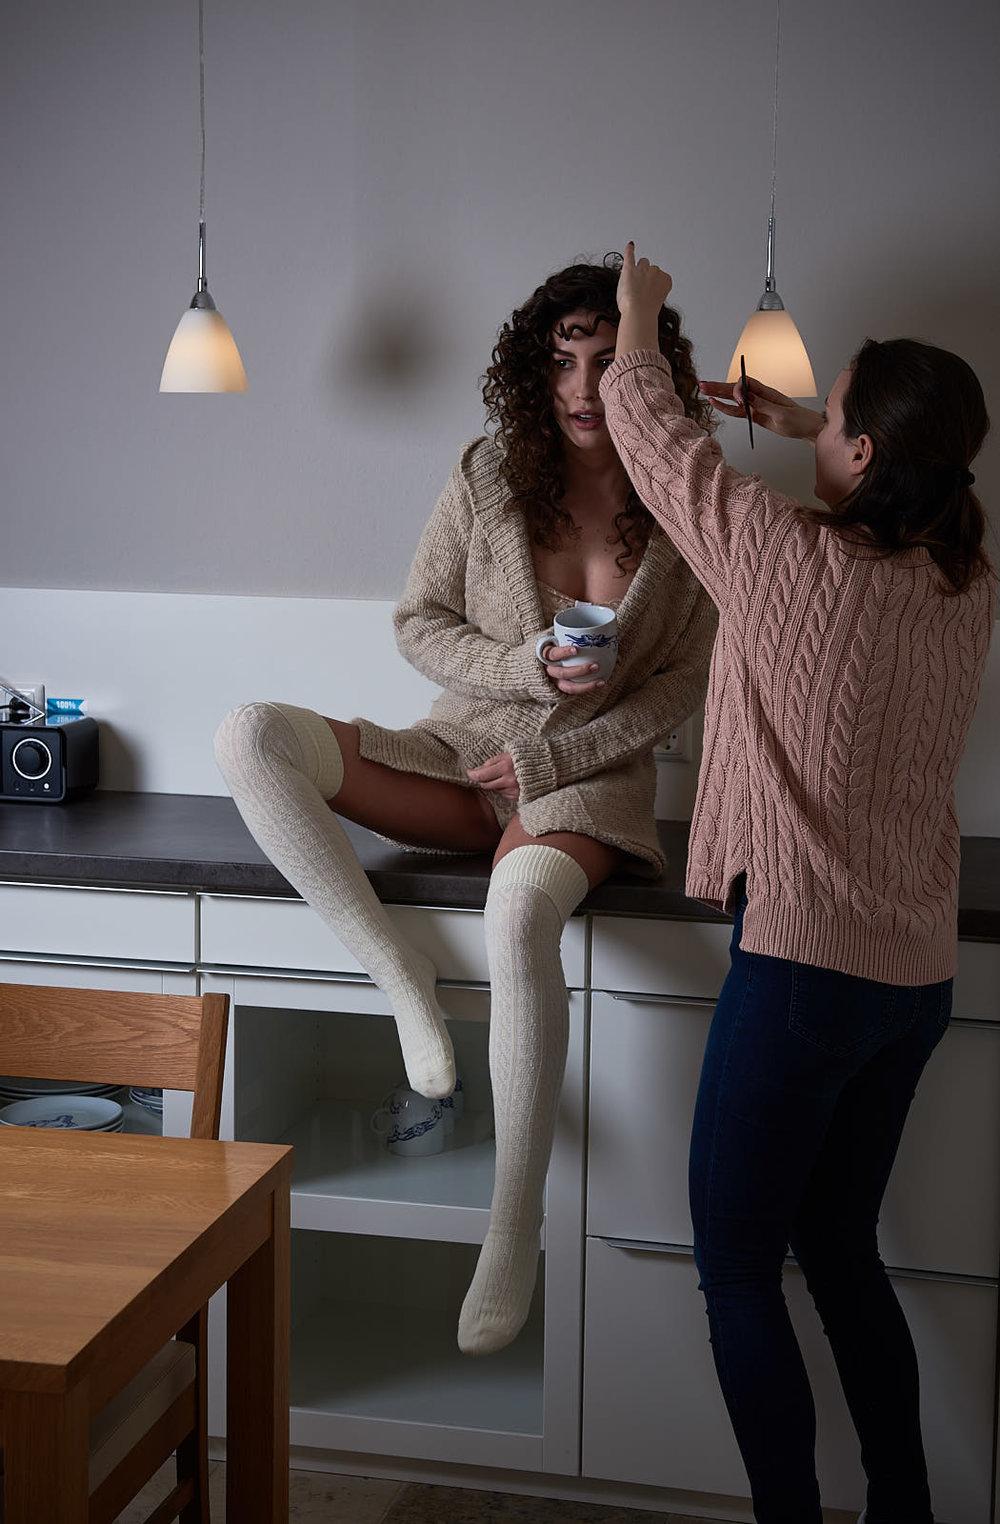 2017-11-2017-lingerie-Isabel-Felicia10957.jpg